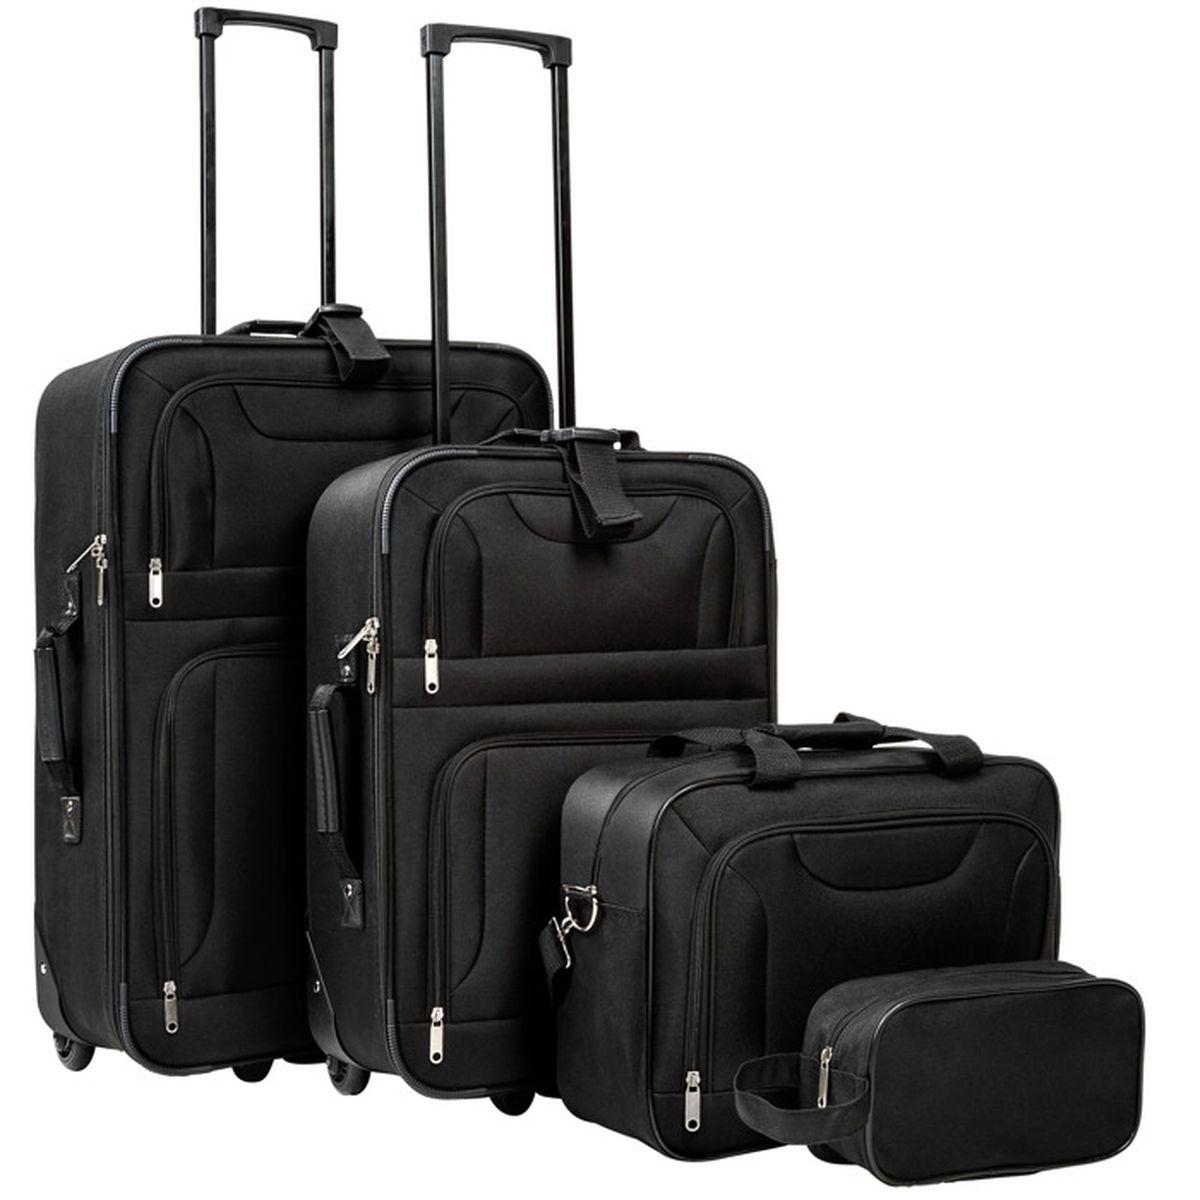 set de 4 valises avec 2 valises trolley 1 sac et 1 trousse noir tectake achat vente set de. Black Bedroom Furniture Sets. Home Design Ideas